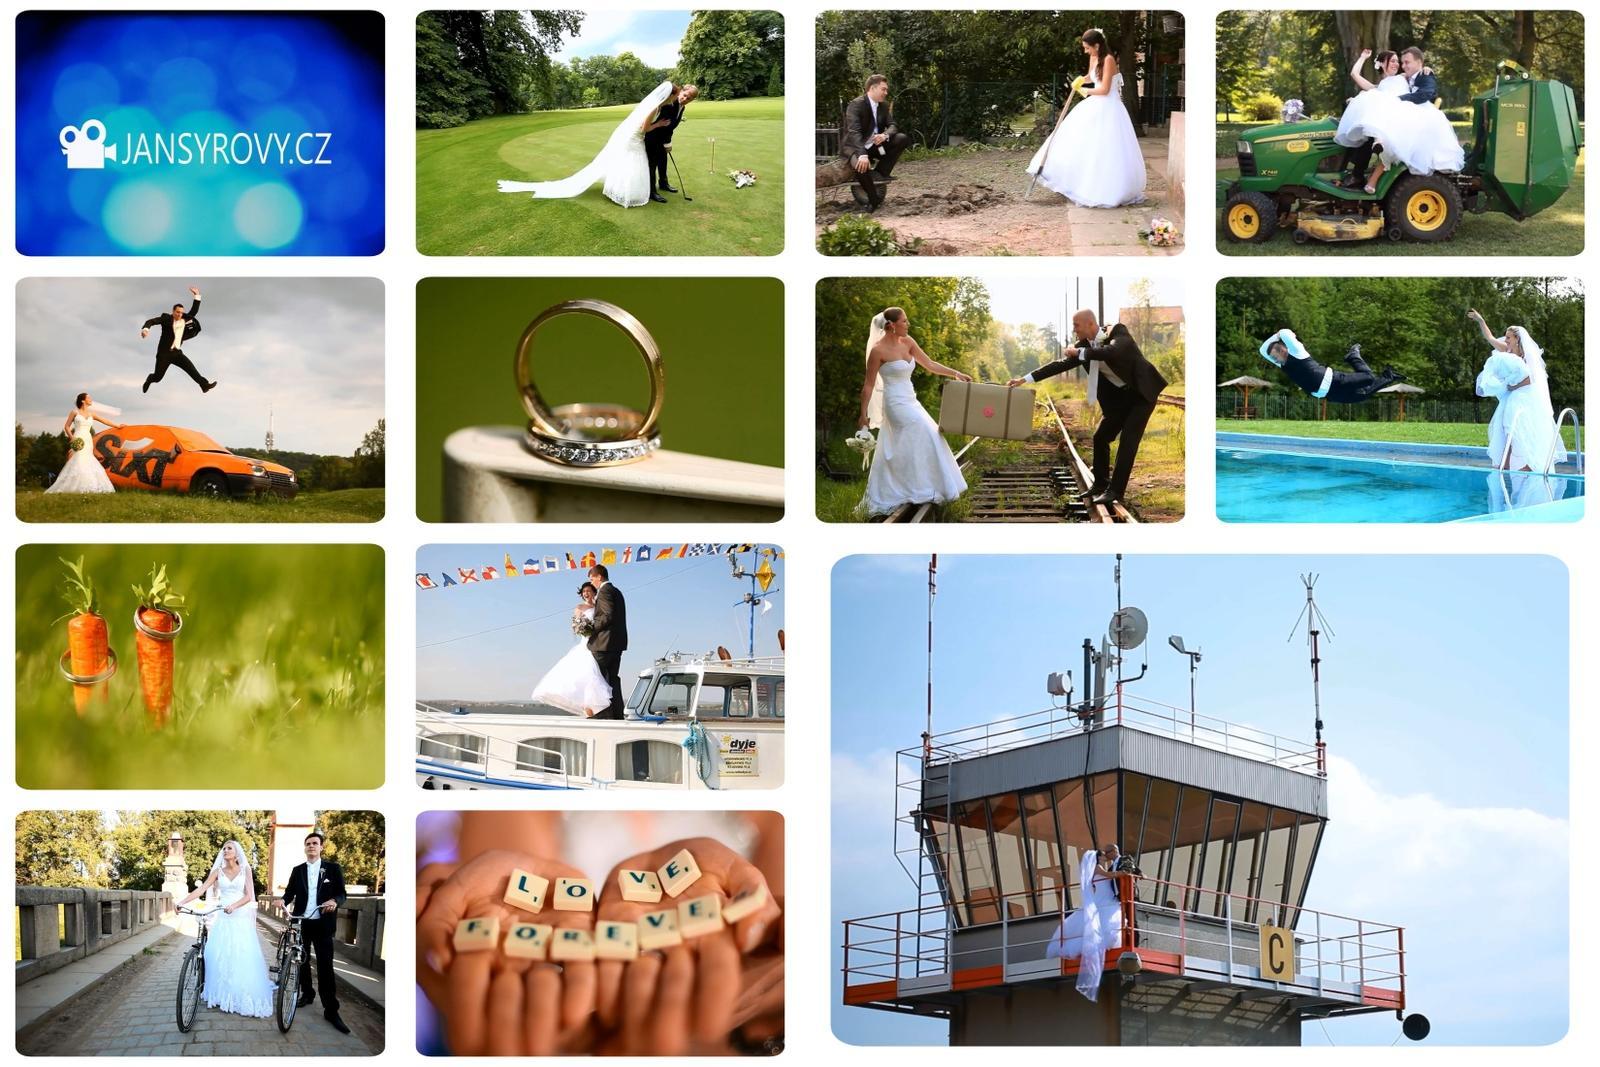 Svatební sezona 2014 se rozjíždí - Obrázek č. 1